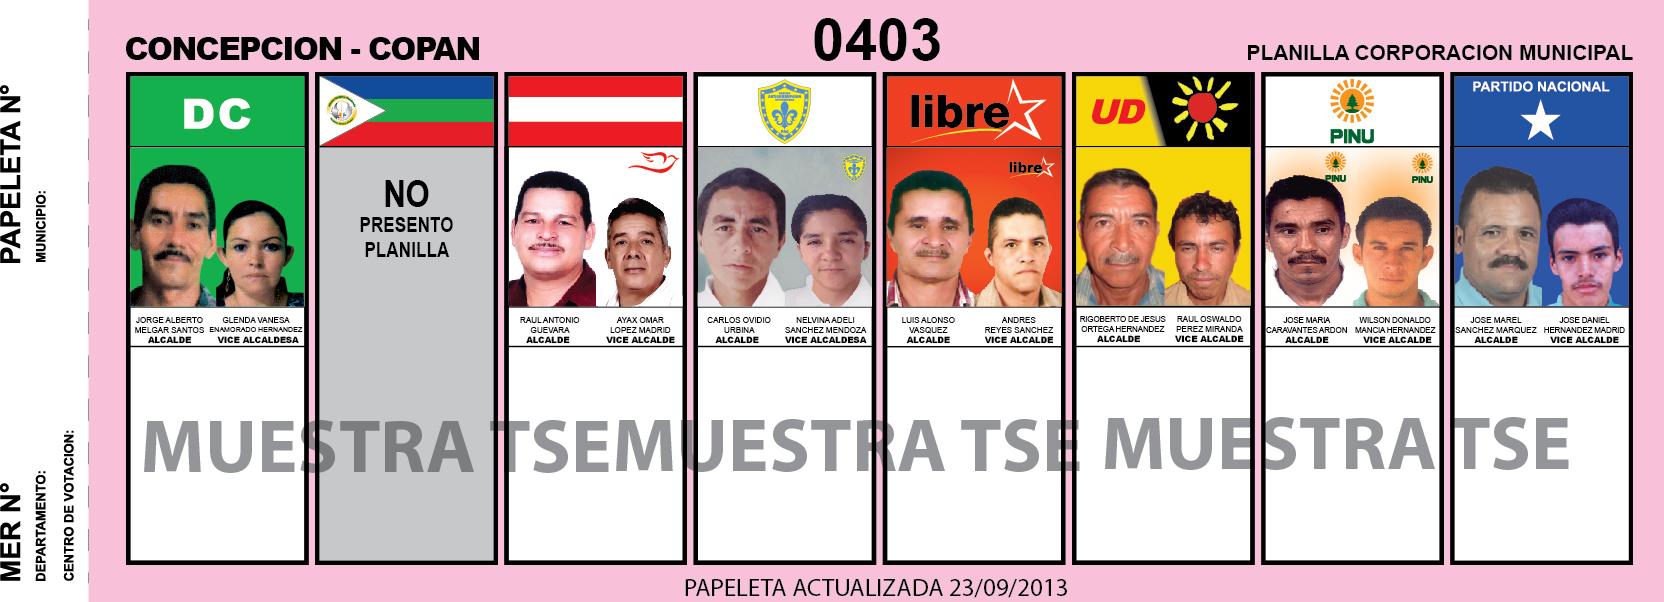 Candidatos 2013 Municipio Concepción - Copan - Honduras